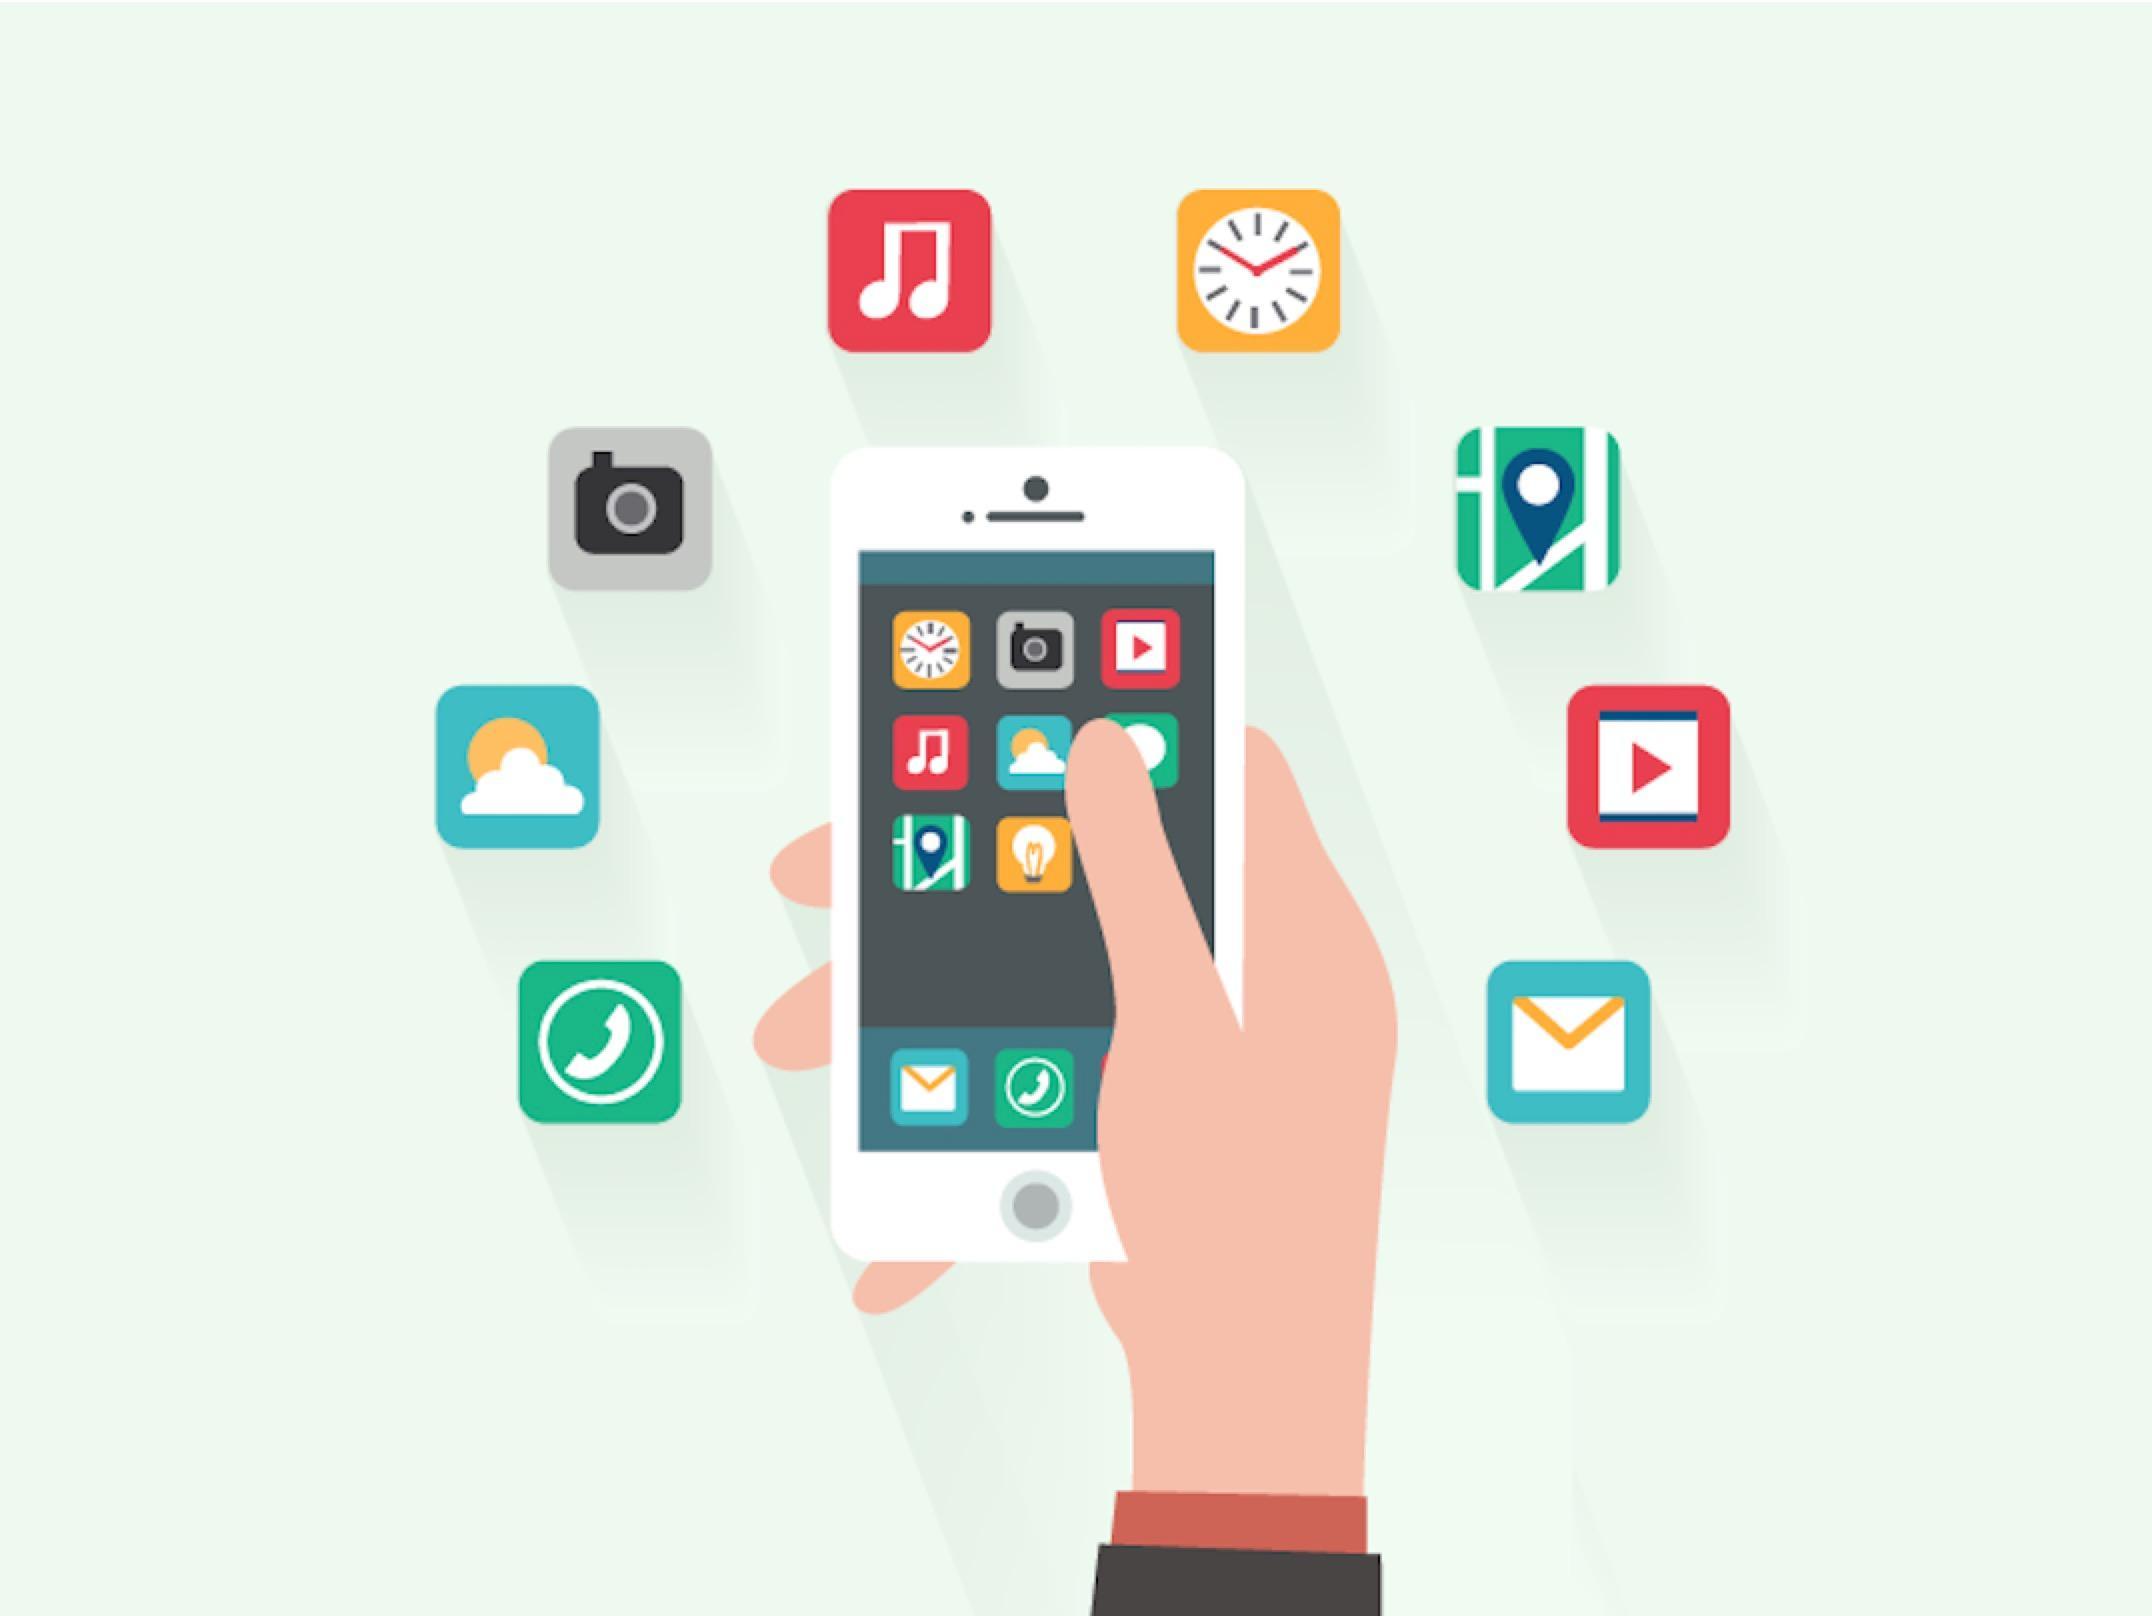 華為應用市場響應實名制新規 維護網絡健康環境-搜狐科技